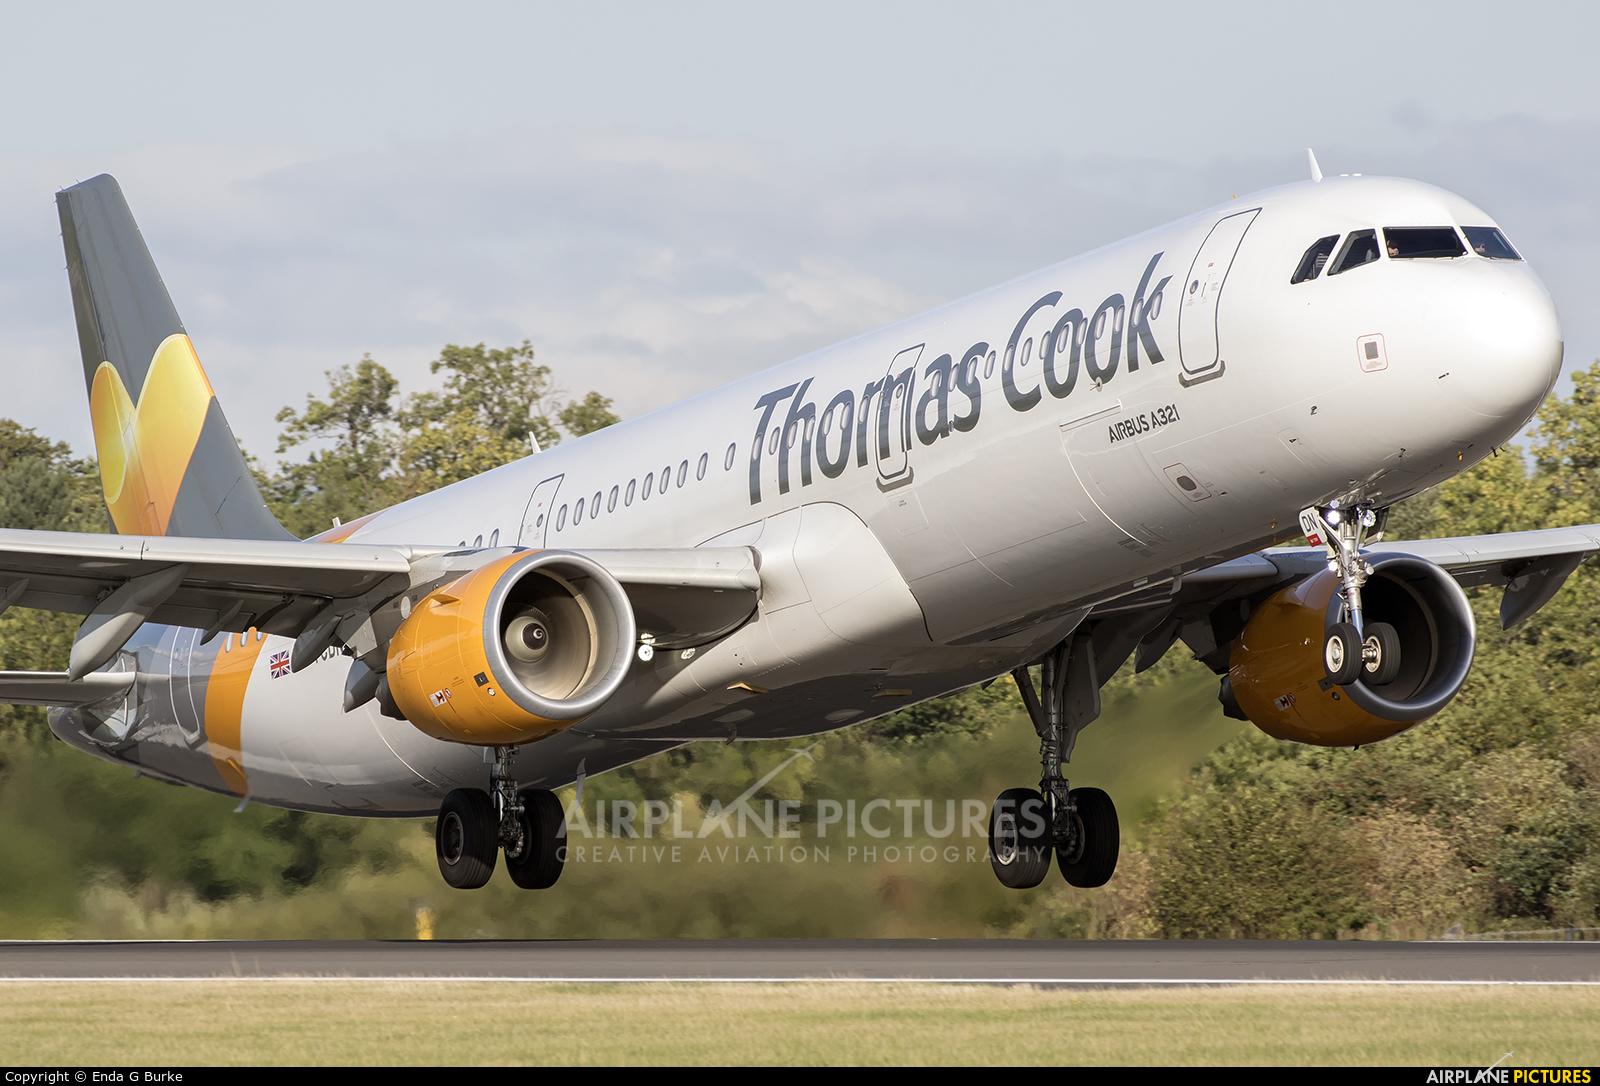 Thomas Cook G-TCDN aircraft at Manchester